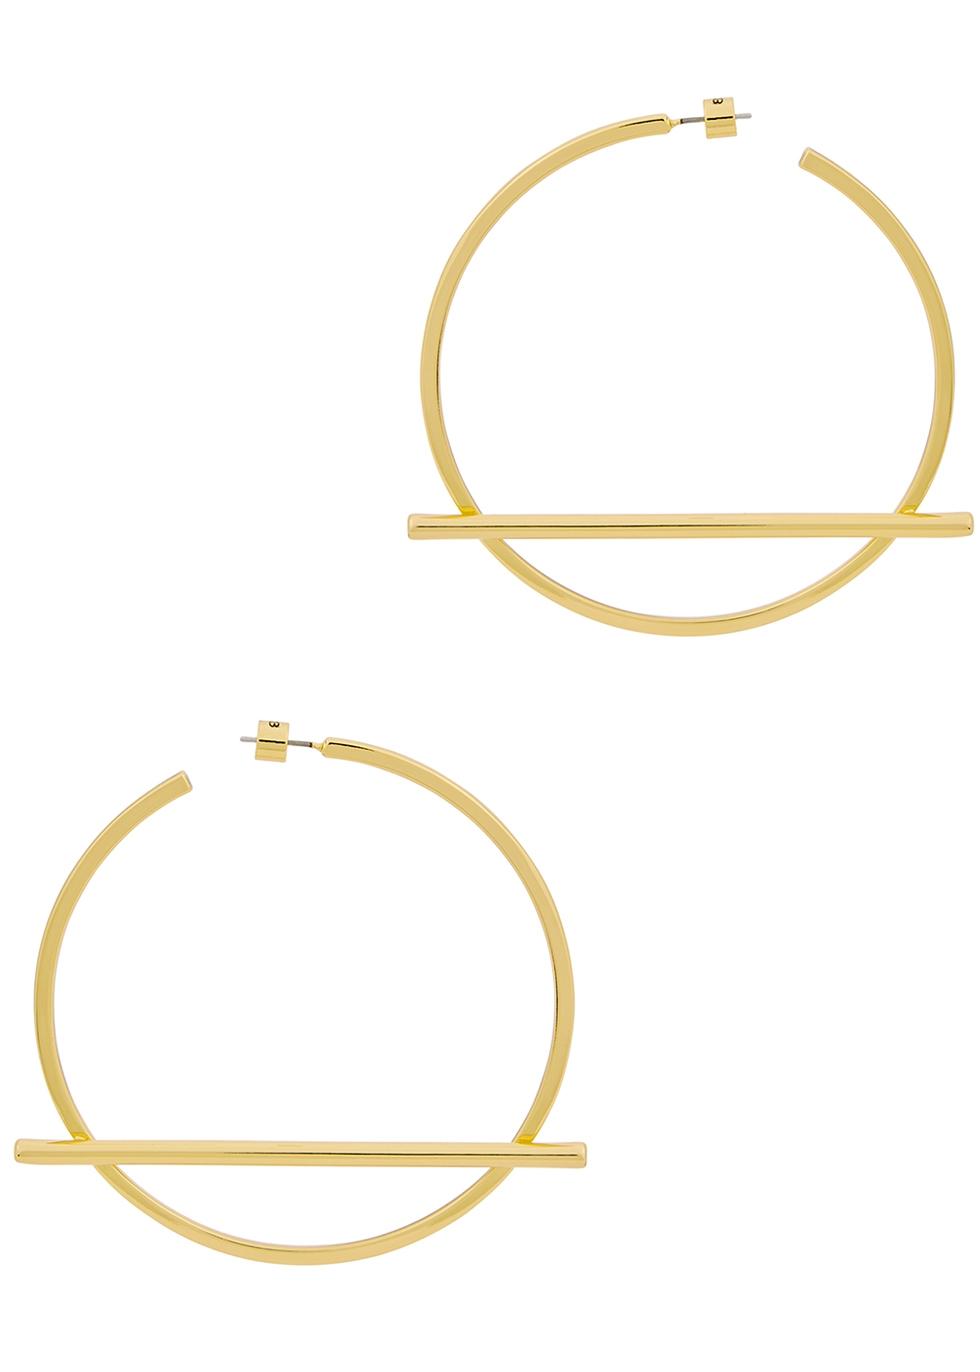 Trust 14kt gold-dipped hoop earrings - JENNY BIRD